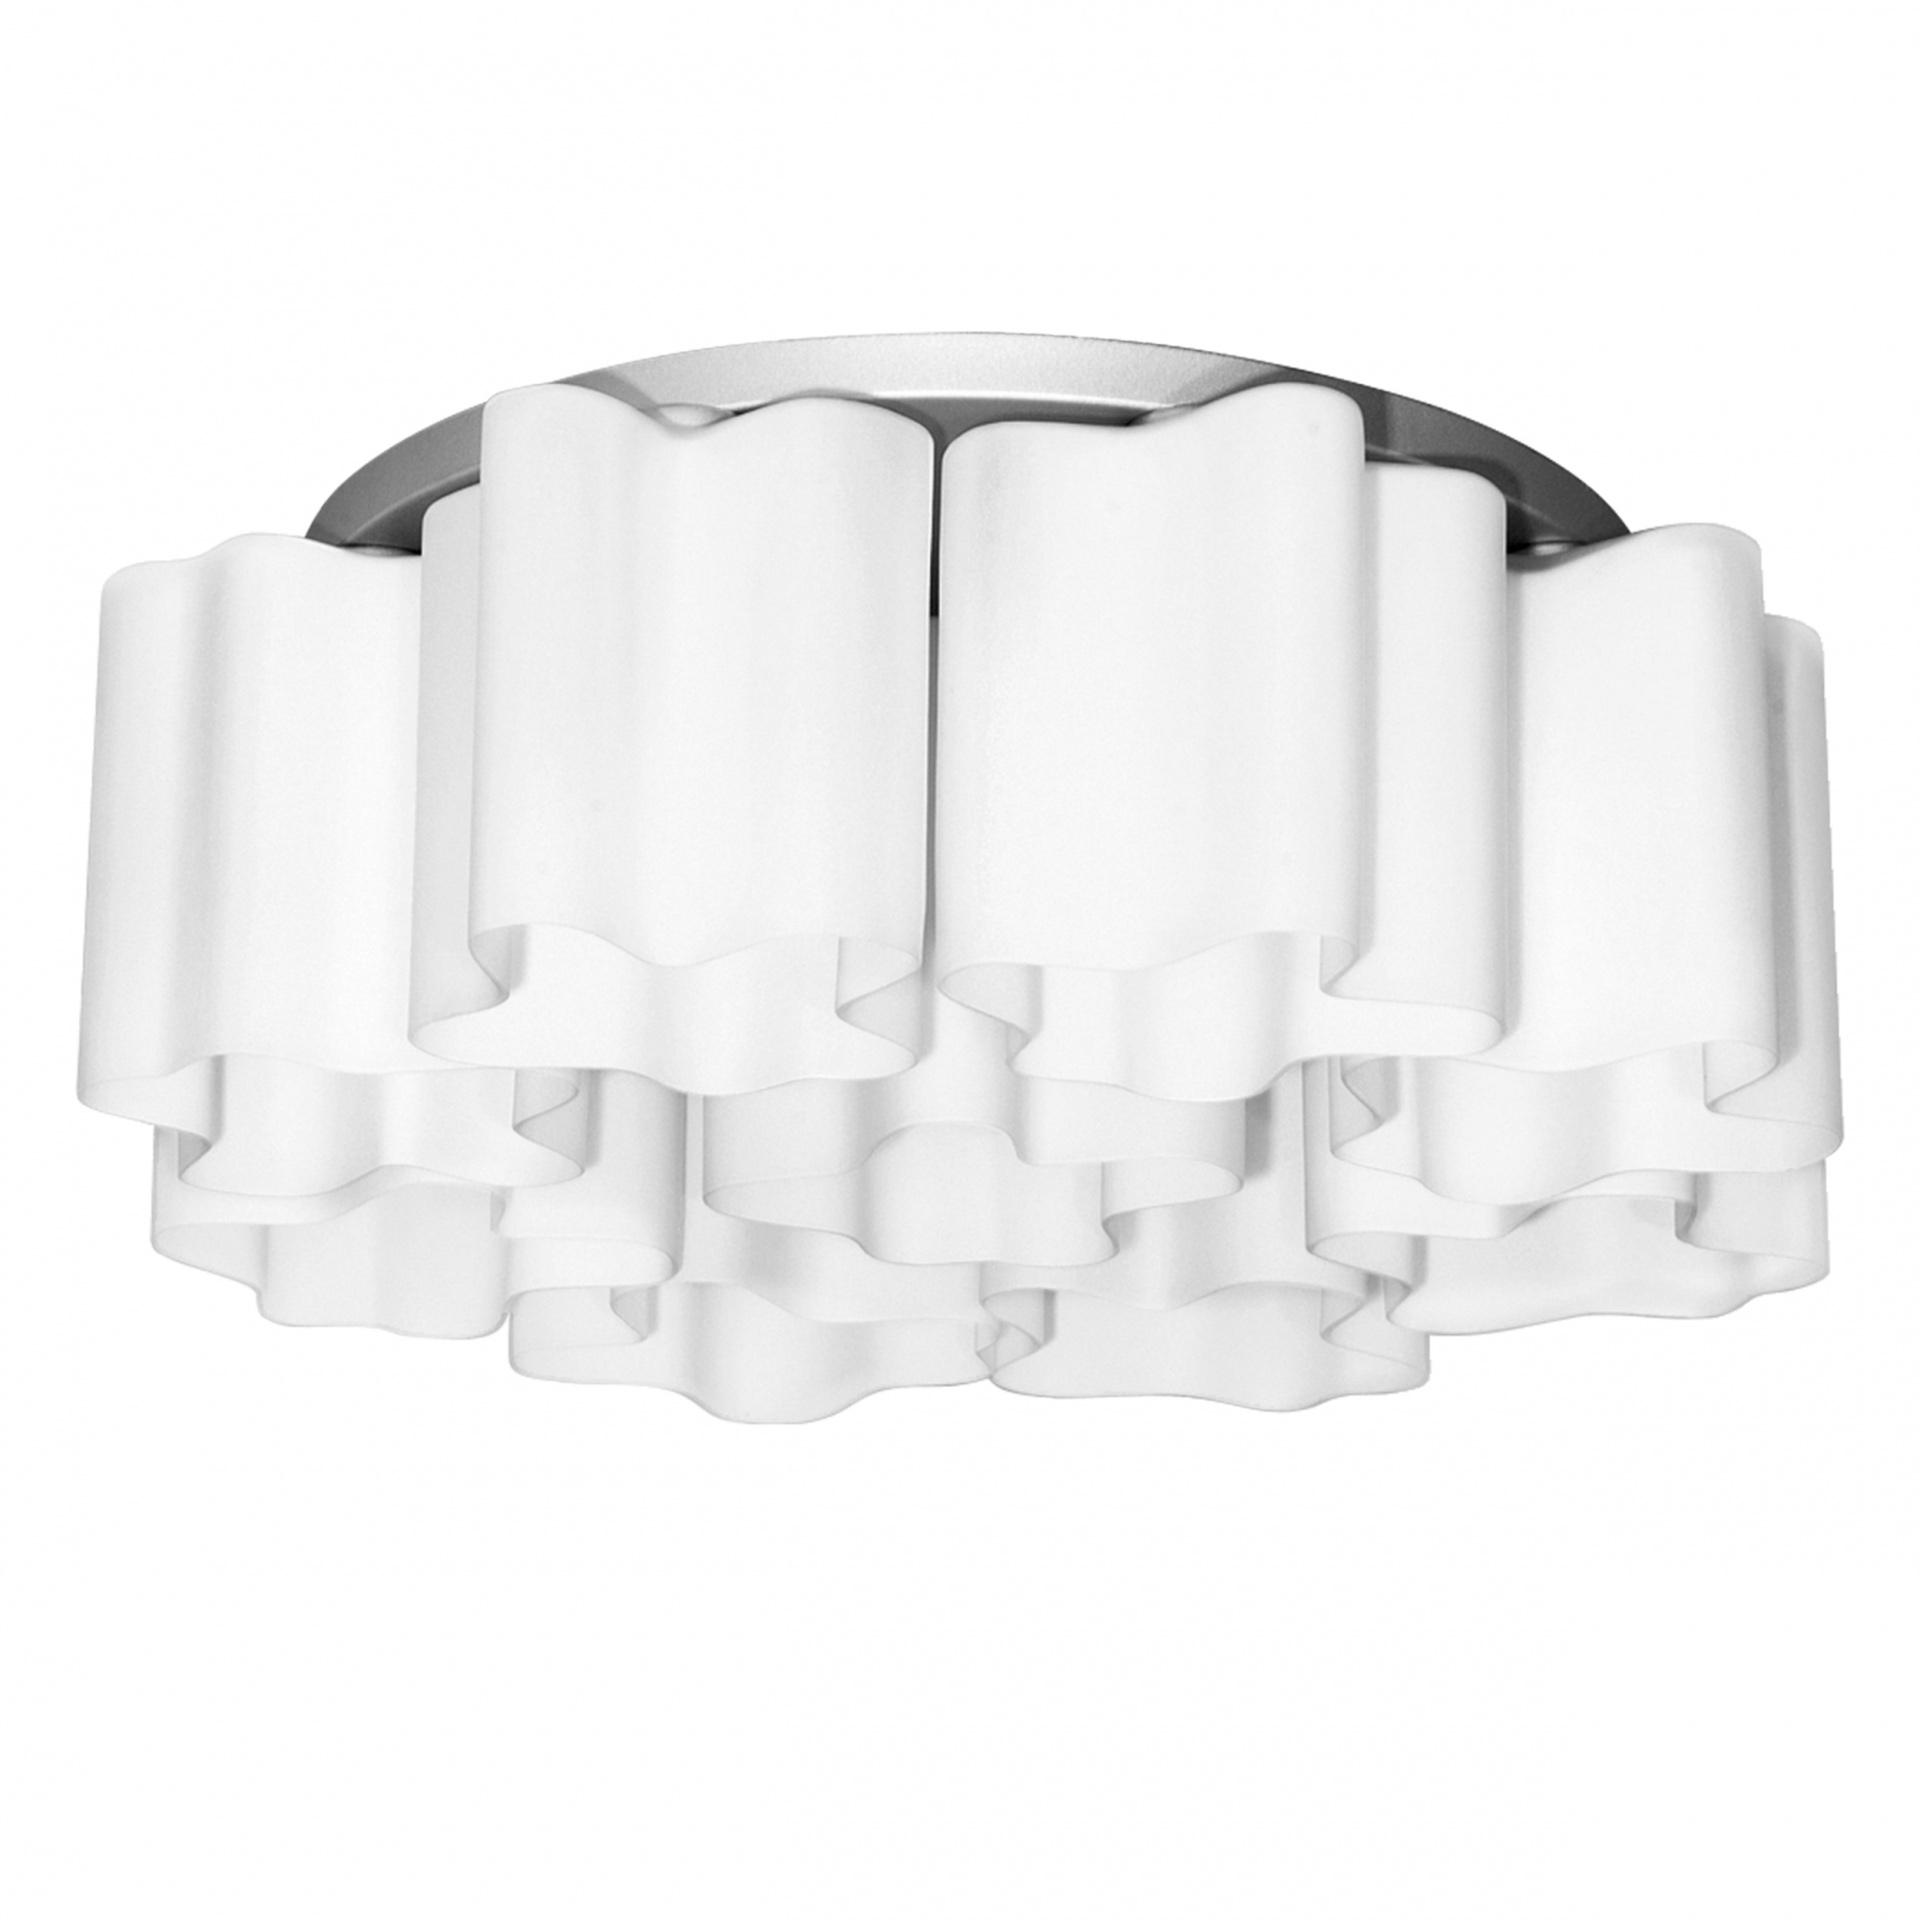 Люстра потолочная Nubi 9х40W E27 белый/ хром Lightstar 802090, купить в СПб, Москве, с доставкой, Санкт-Петербург, интернет-магазин люстр и светильников Starlight, фото в жизни